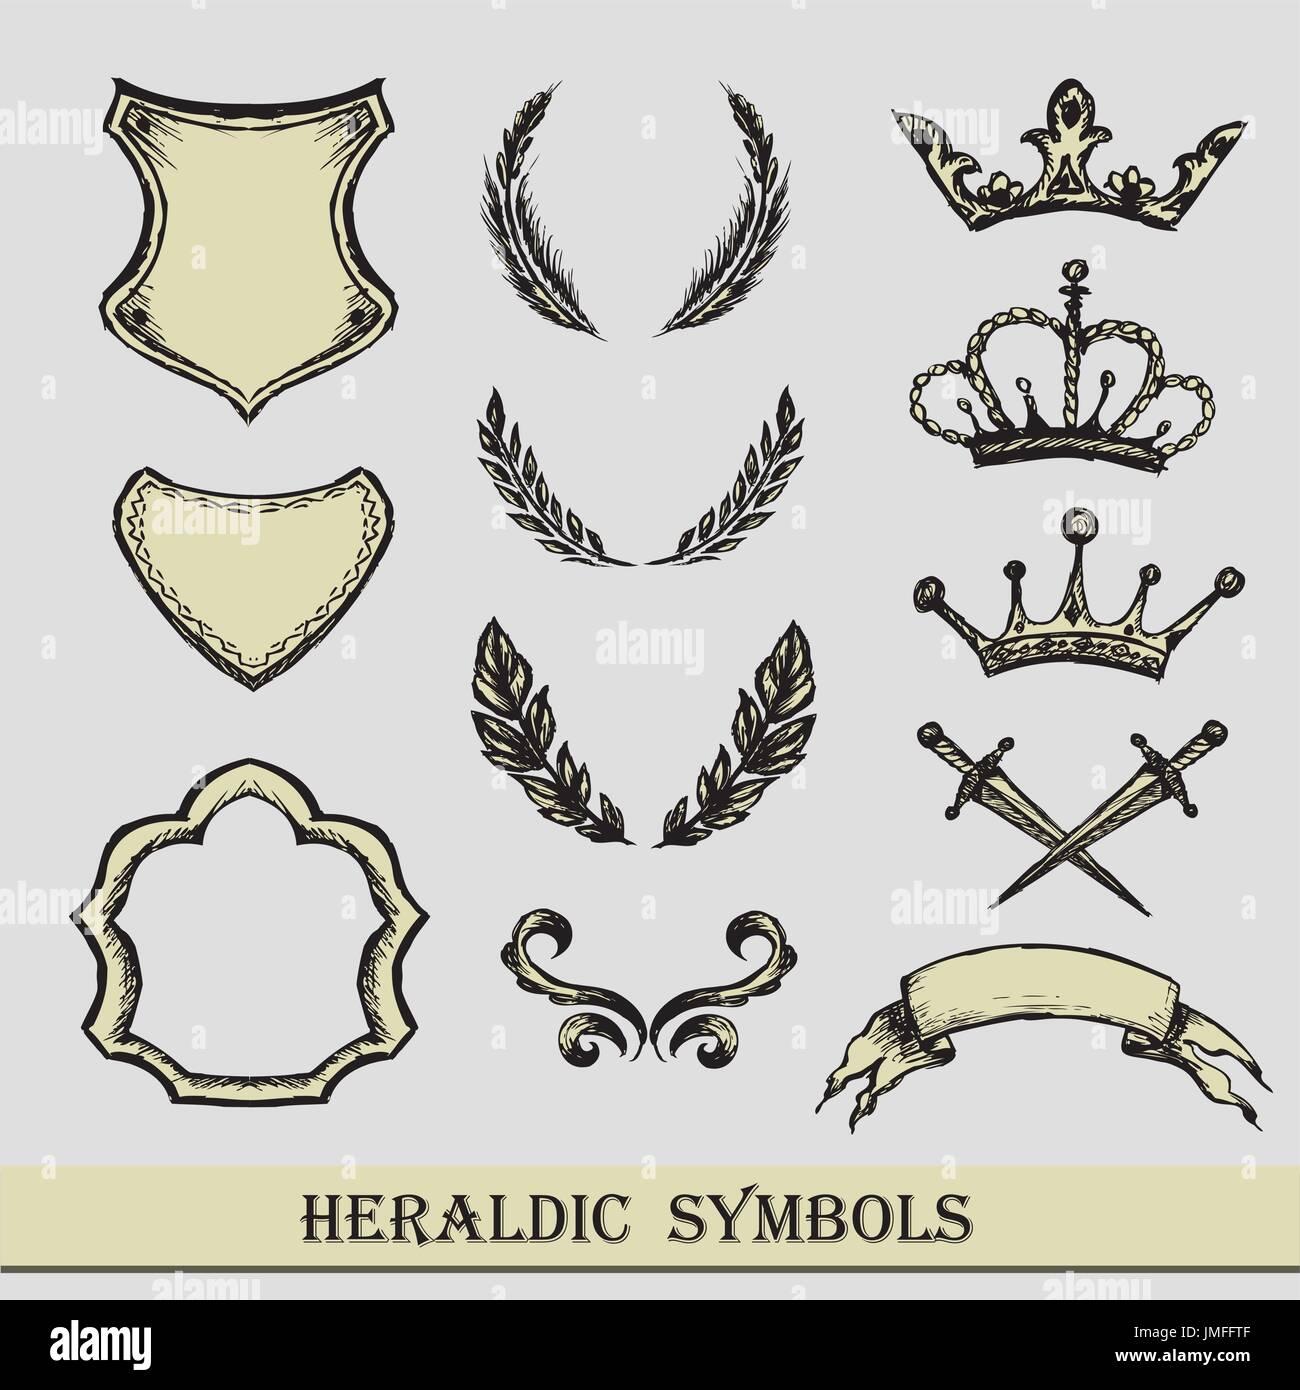 Heraldic Symbols Hand Drawing Vector Stock Vector Art